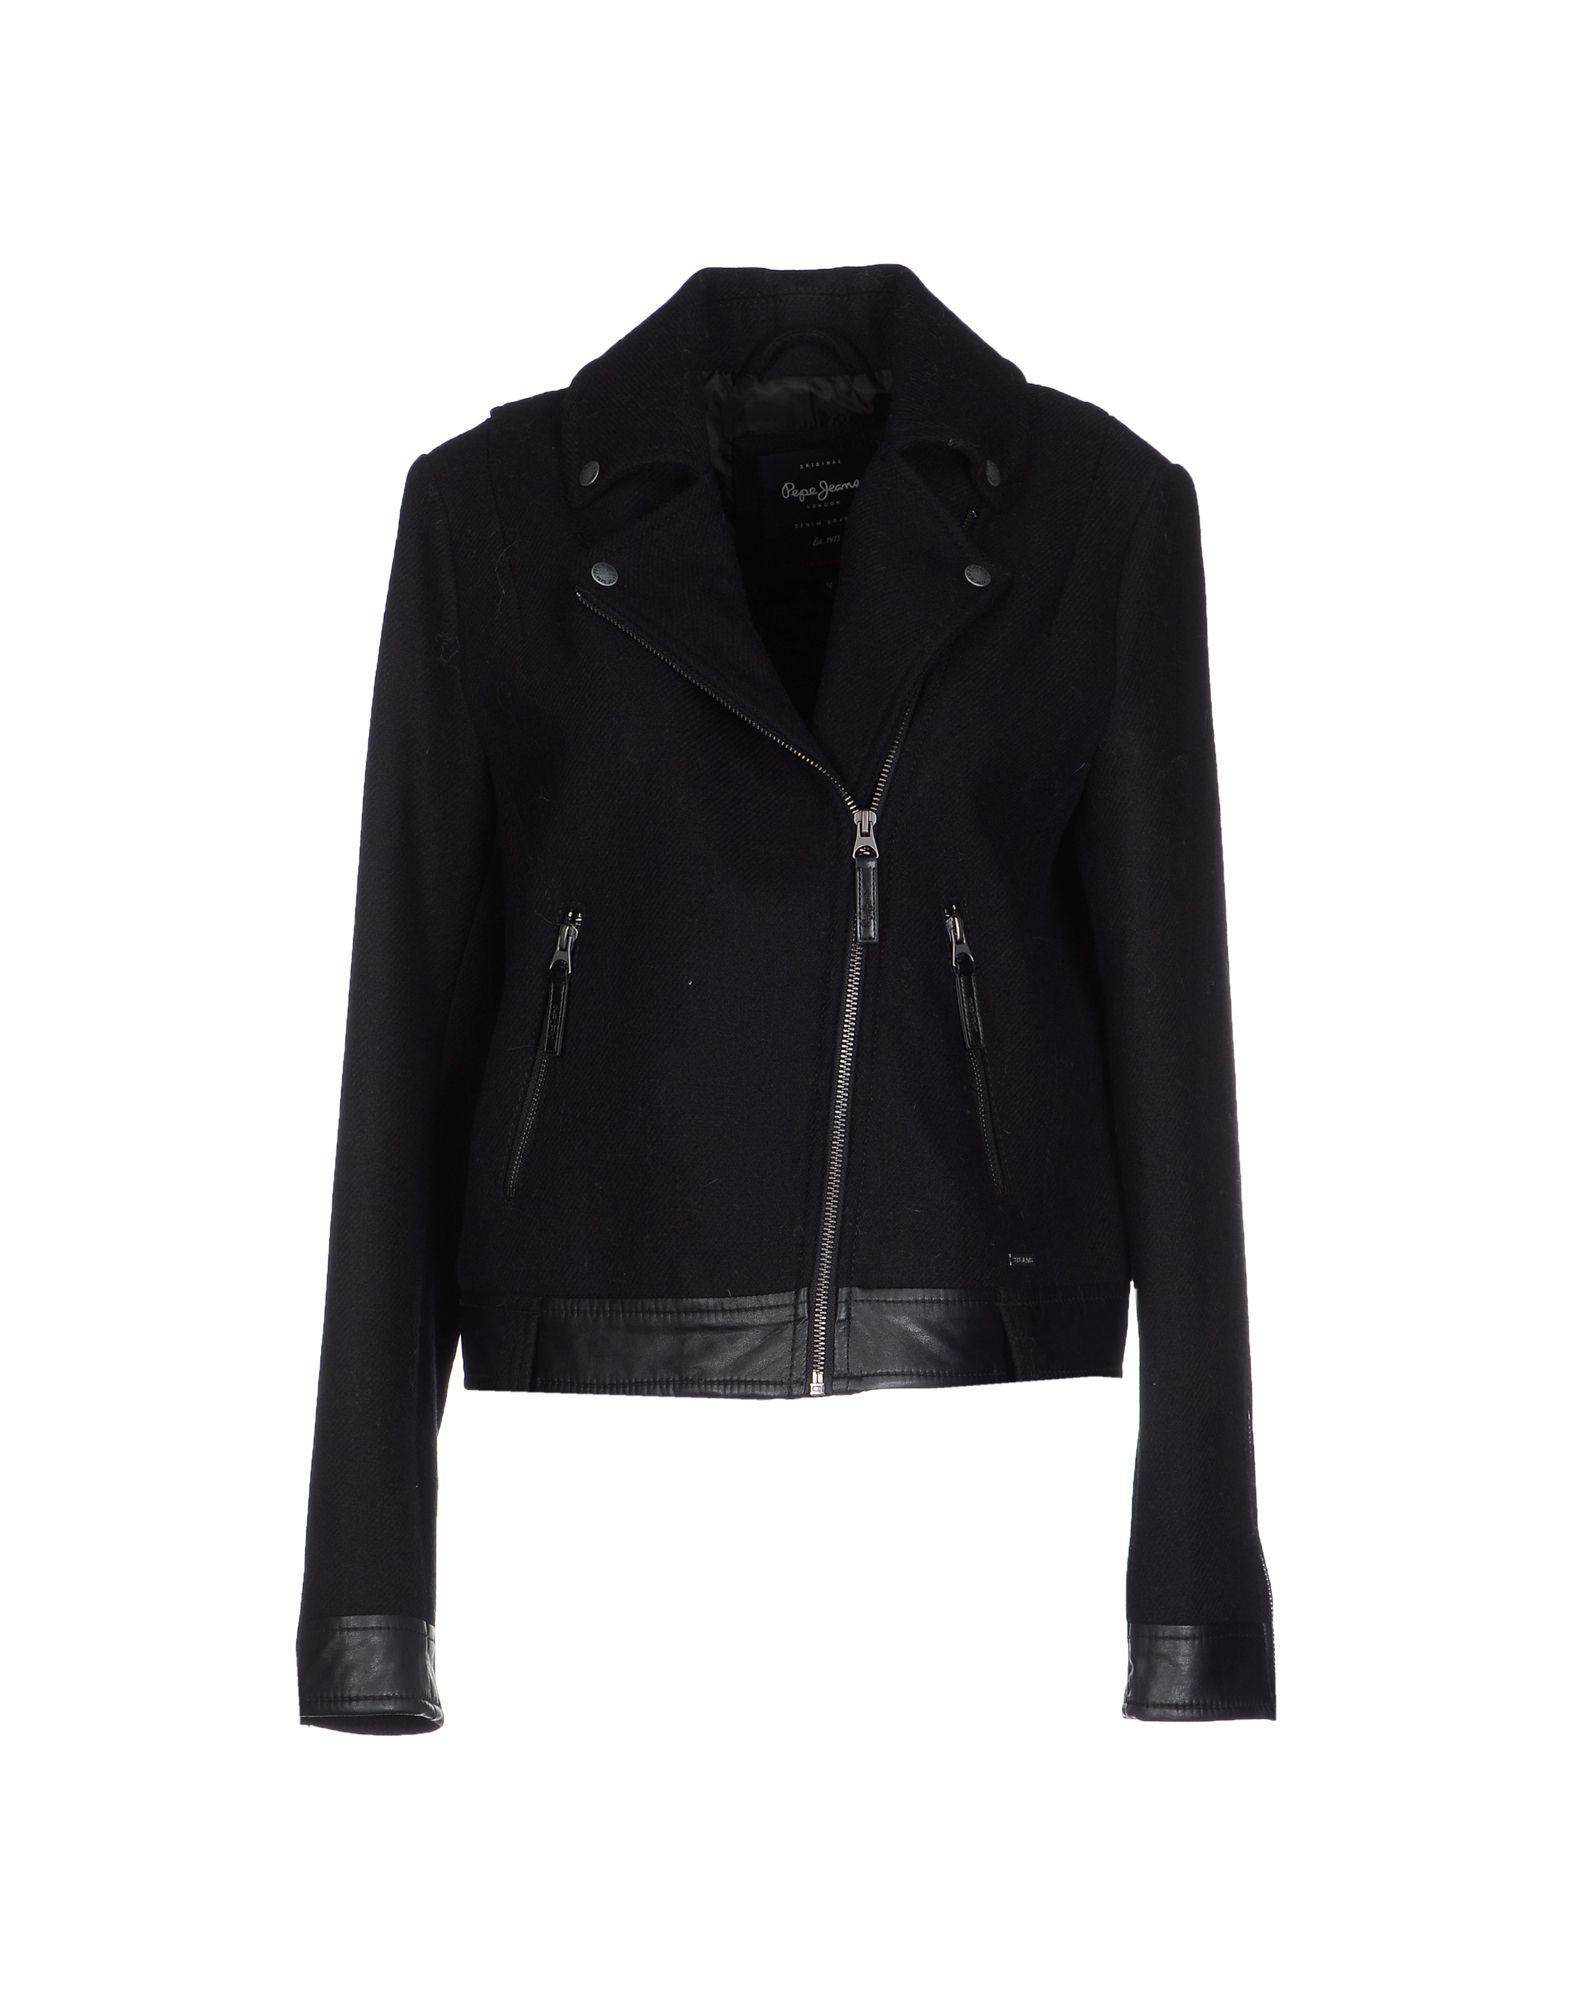 lyst pepe jeans jacket in black. Black Bedroom Furniture Sets. Home Design Ideas